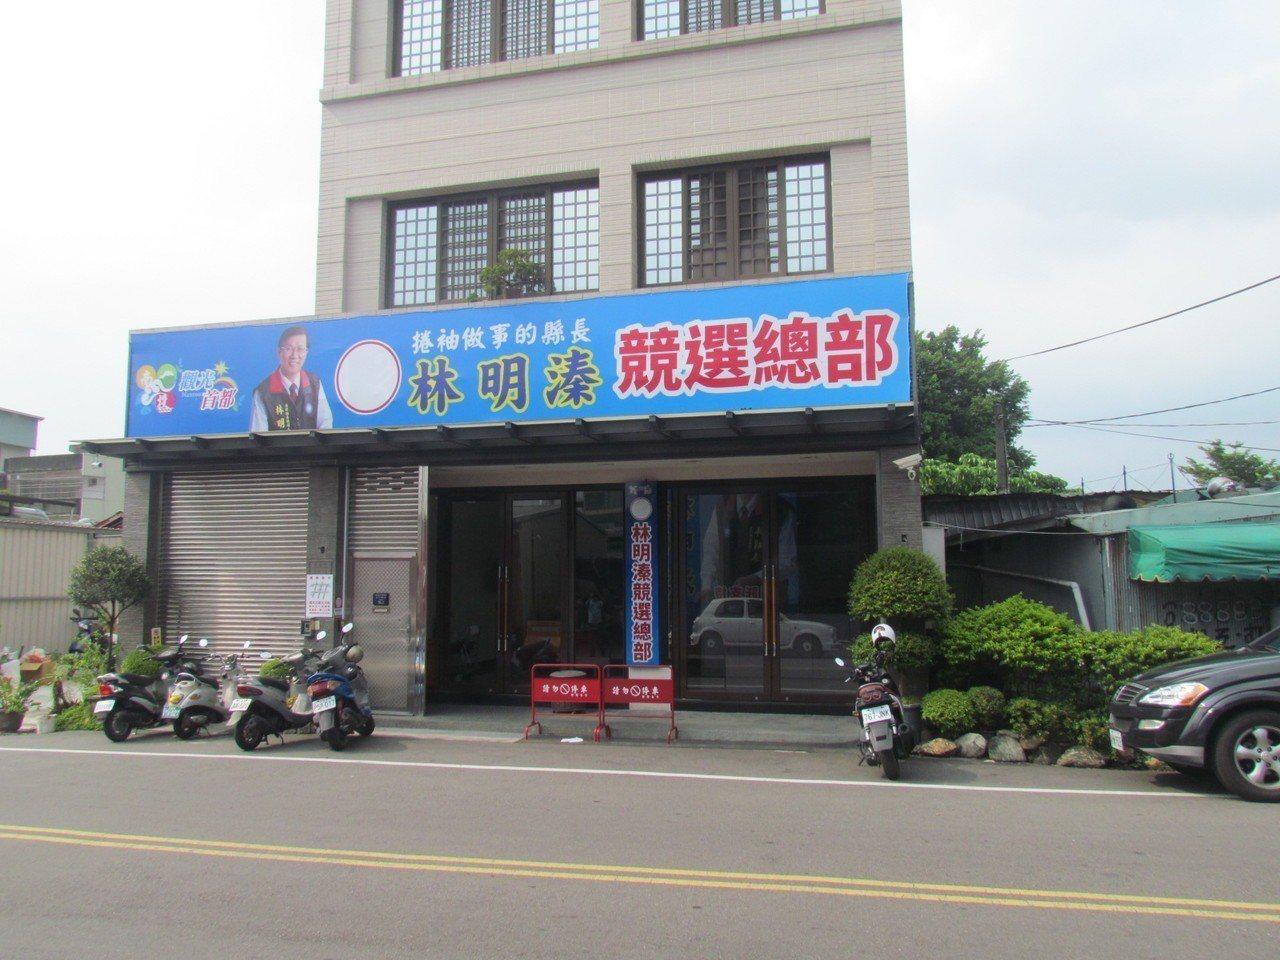 國民黨南投縣長參選人林明溱的競選總部,設在南投市文昌街。記者張家樂/攝影